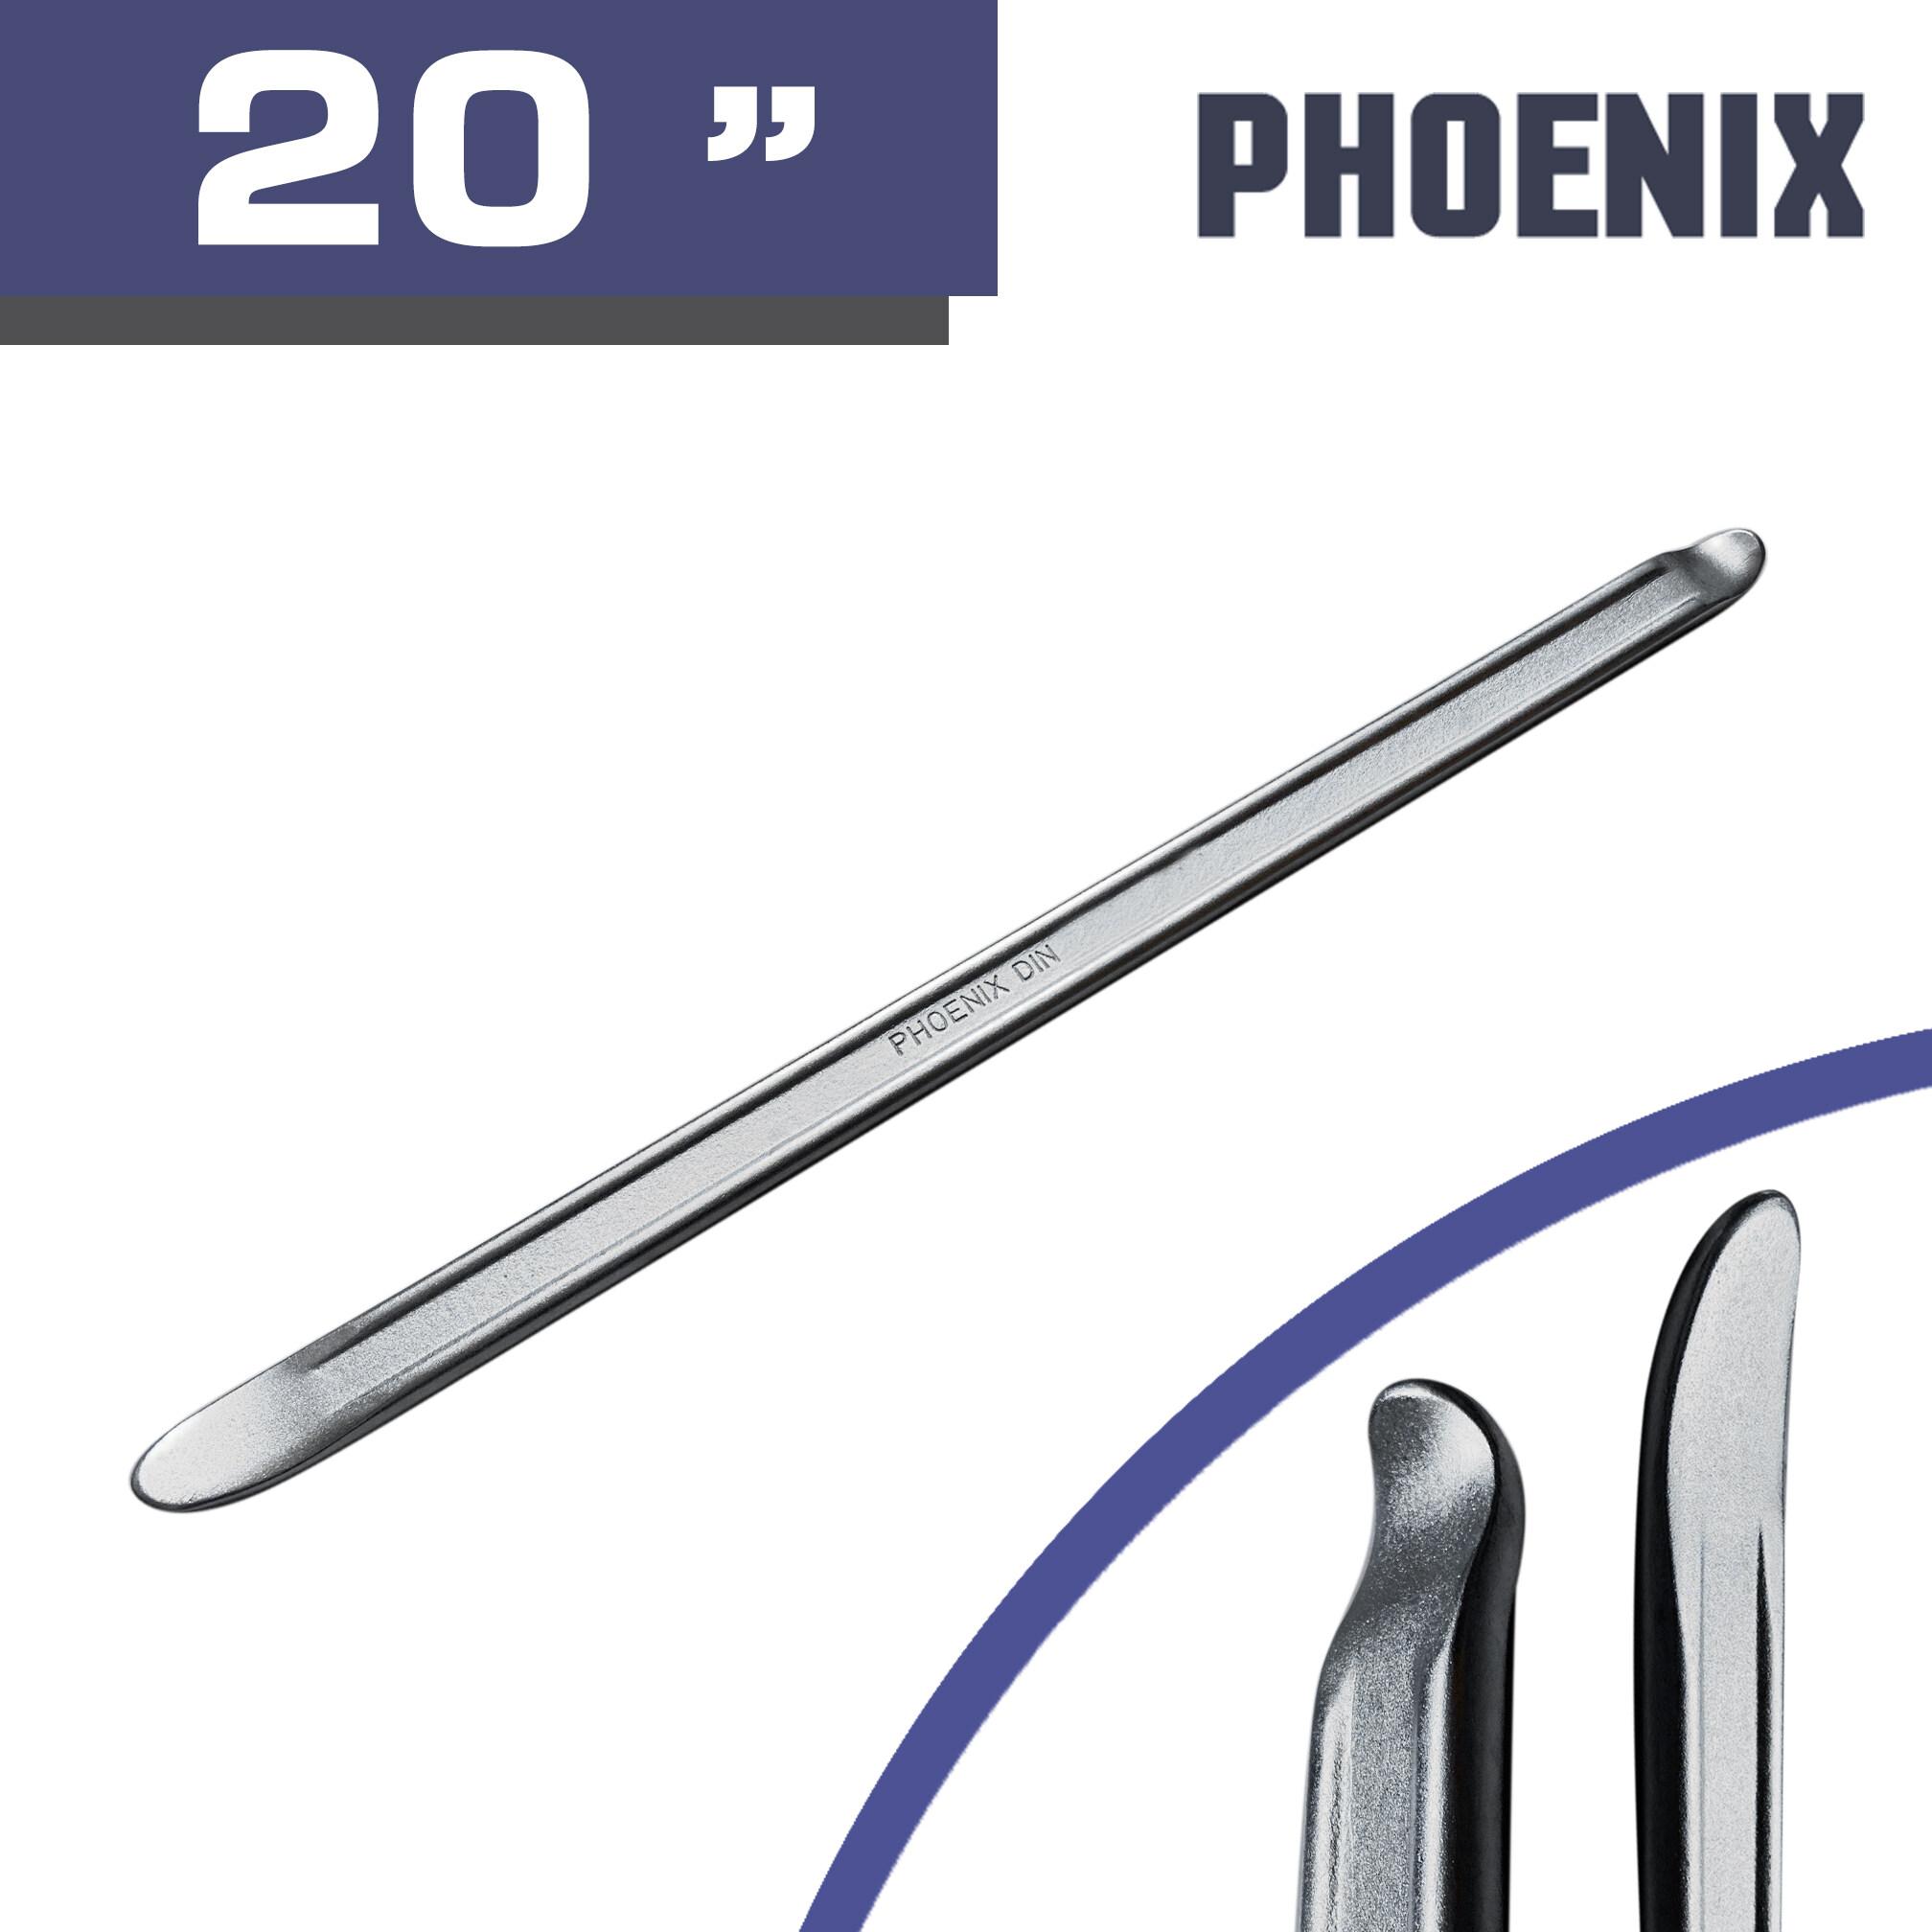 Phoenix เหล็กงัดยาง อย่างดี เหล็ก Chrome vanadium (4 ขนาด เลือกได้ตอนสั่งซื้อ)